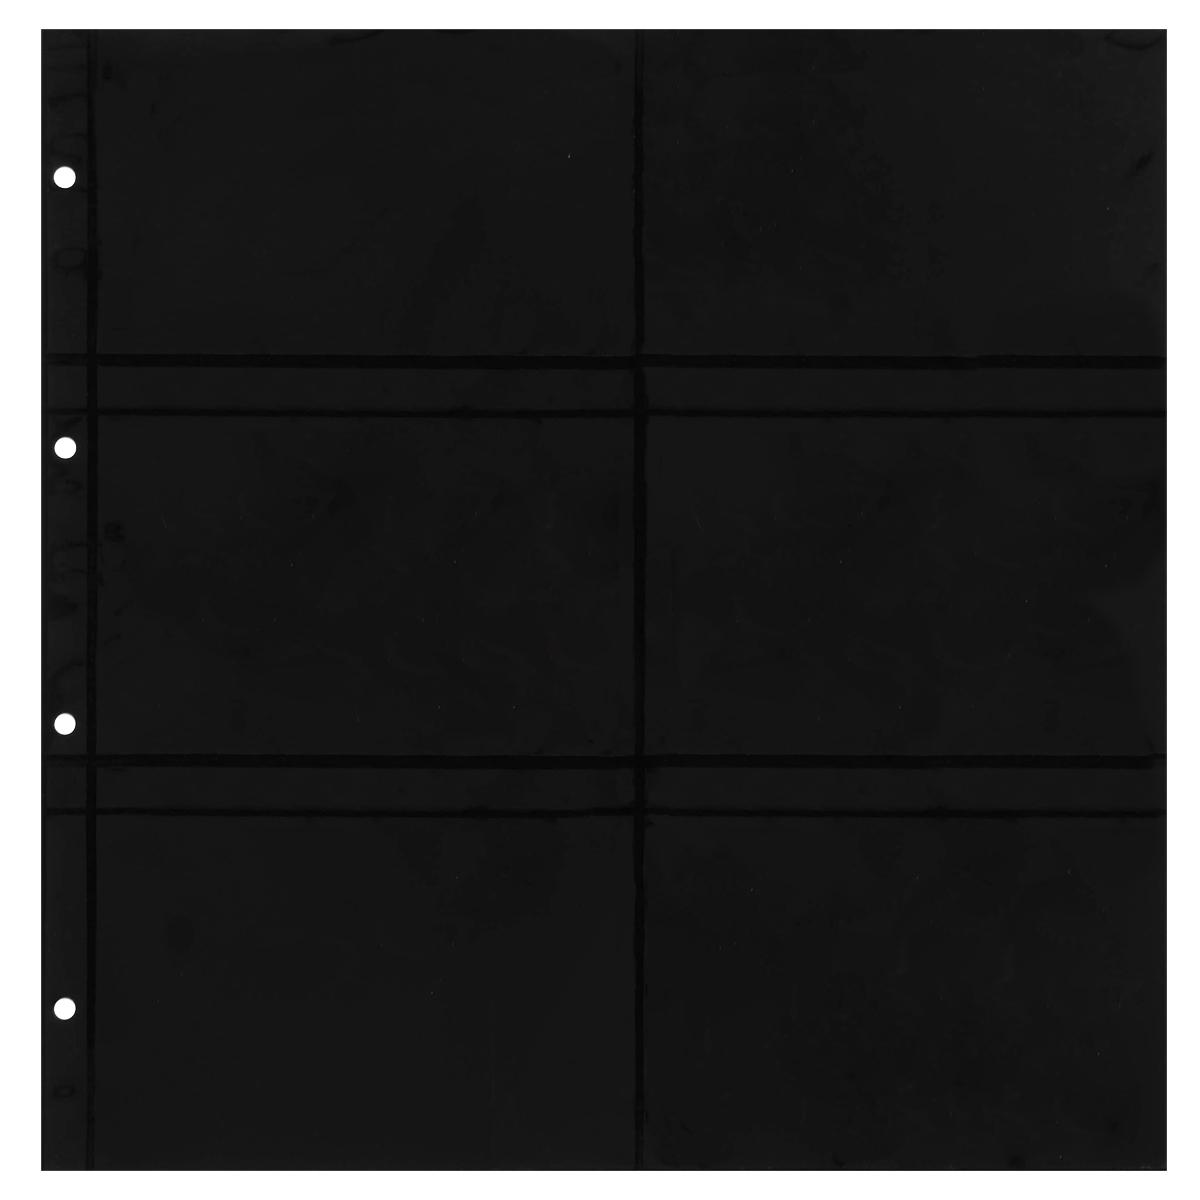 Лист в альбом Maximum для бон, на 6 бон. MAX 5S. Горизонтальные ячейки. Производство Leuchtturm (10 листов в упаковке)PEB19Характеристики: Размер листа: 33,5 см х 32,5 см Размер ячейки: 14,8 см x 9,5 см Количество листов в упаковке: 10